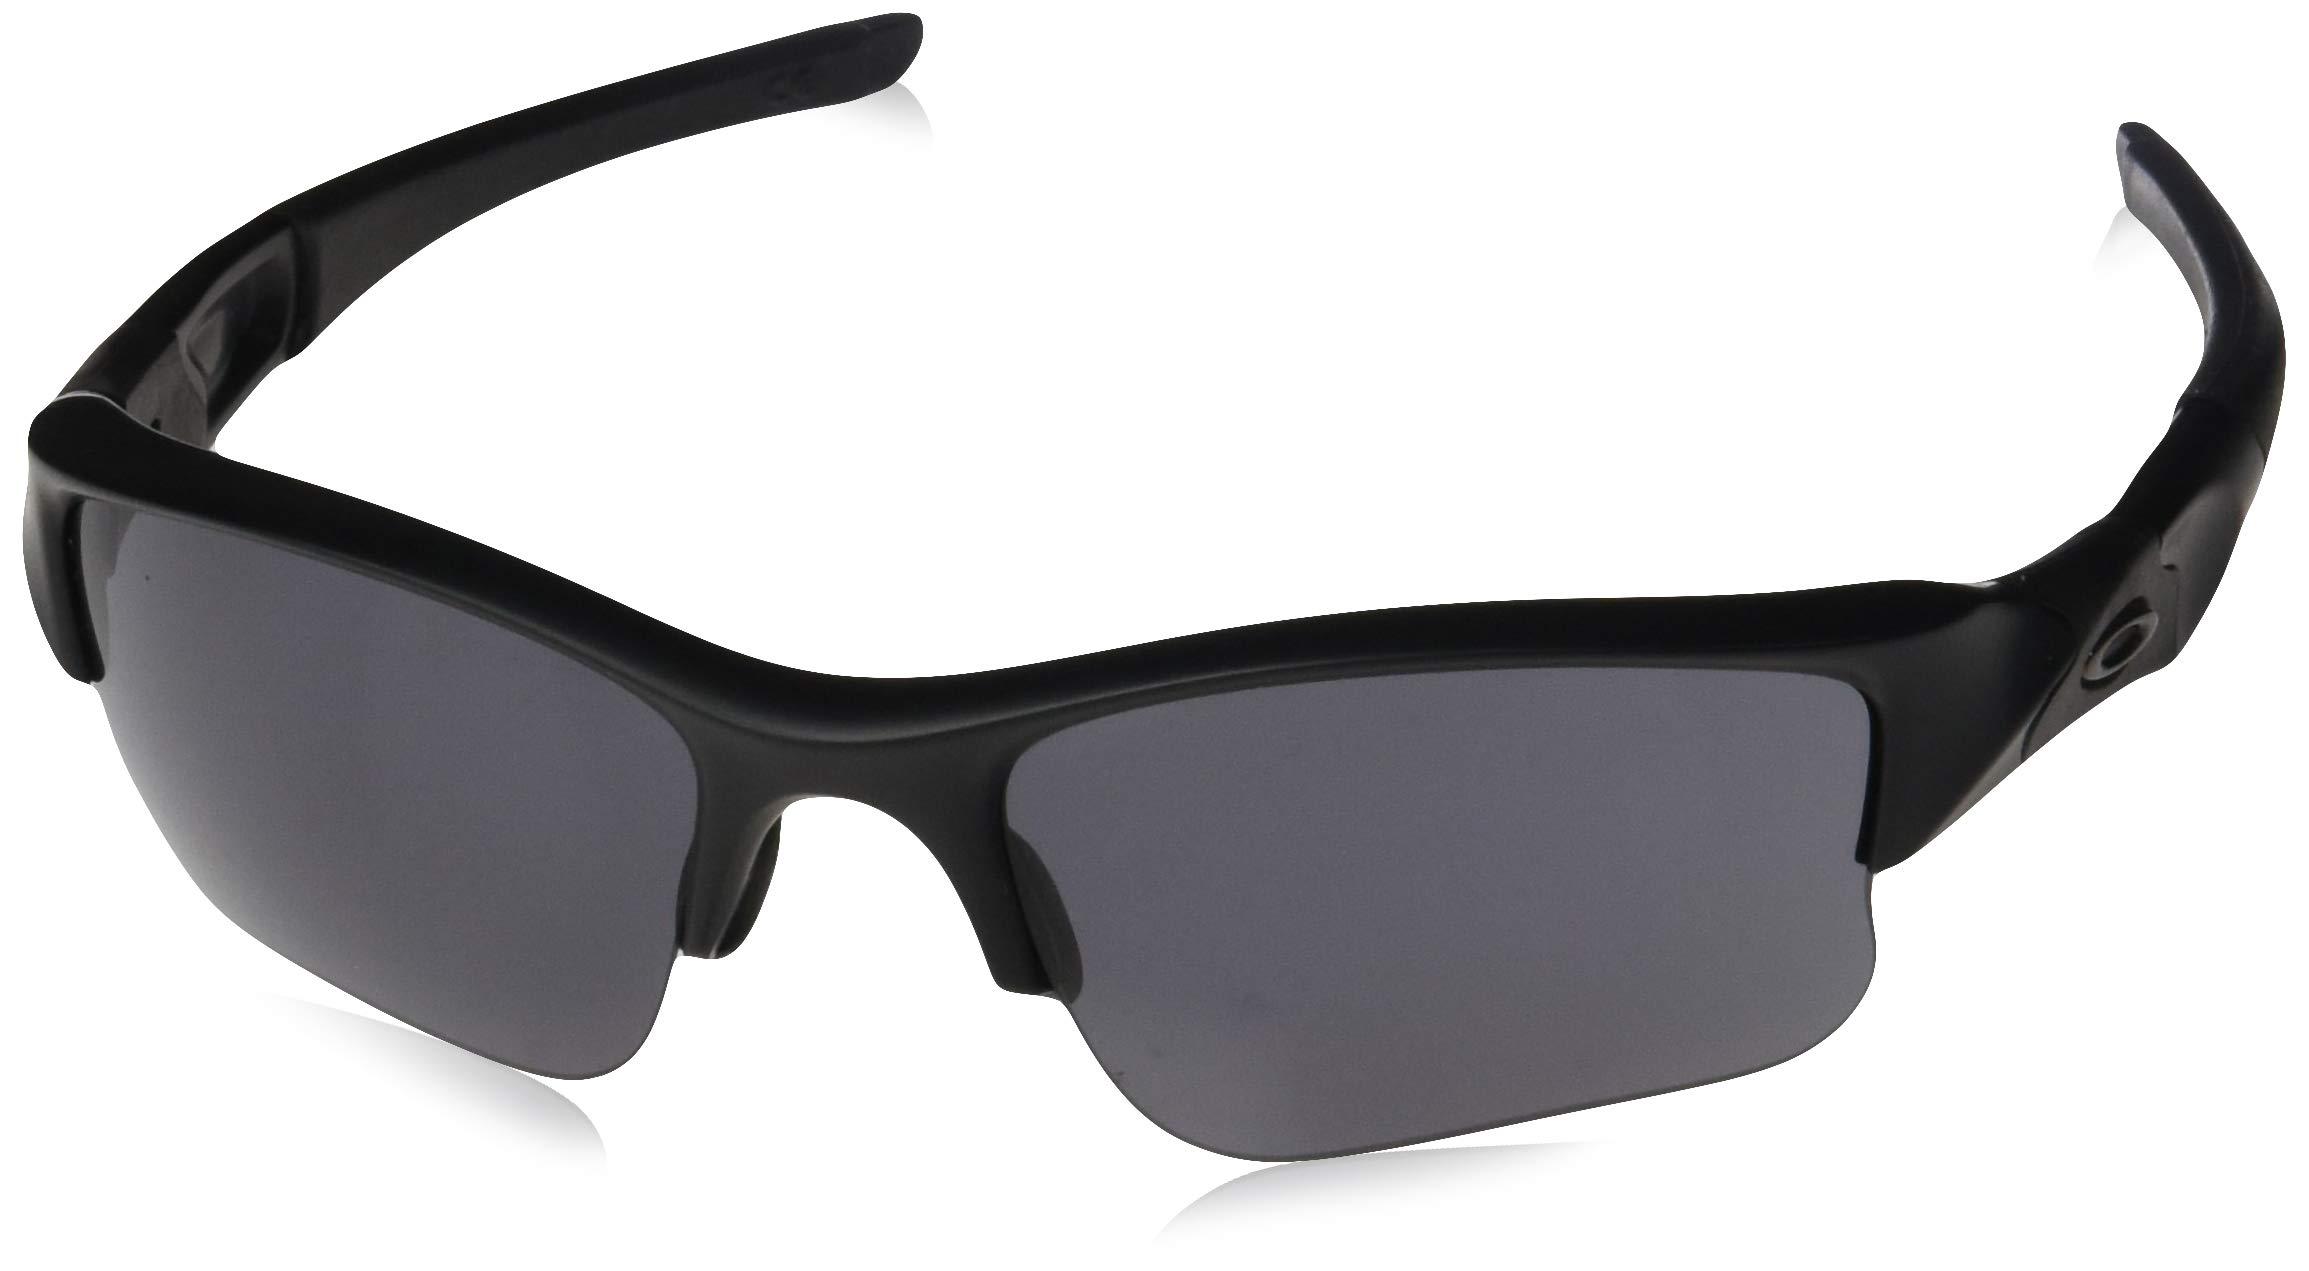 Oakley Men's OO9009 Flak Jacket XLJ Rectangular Sunglasses, Matte Black/Grey, 63 mm by Oakley